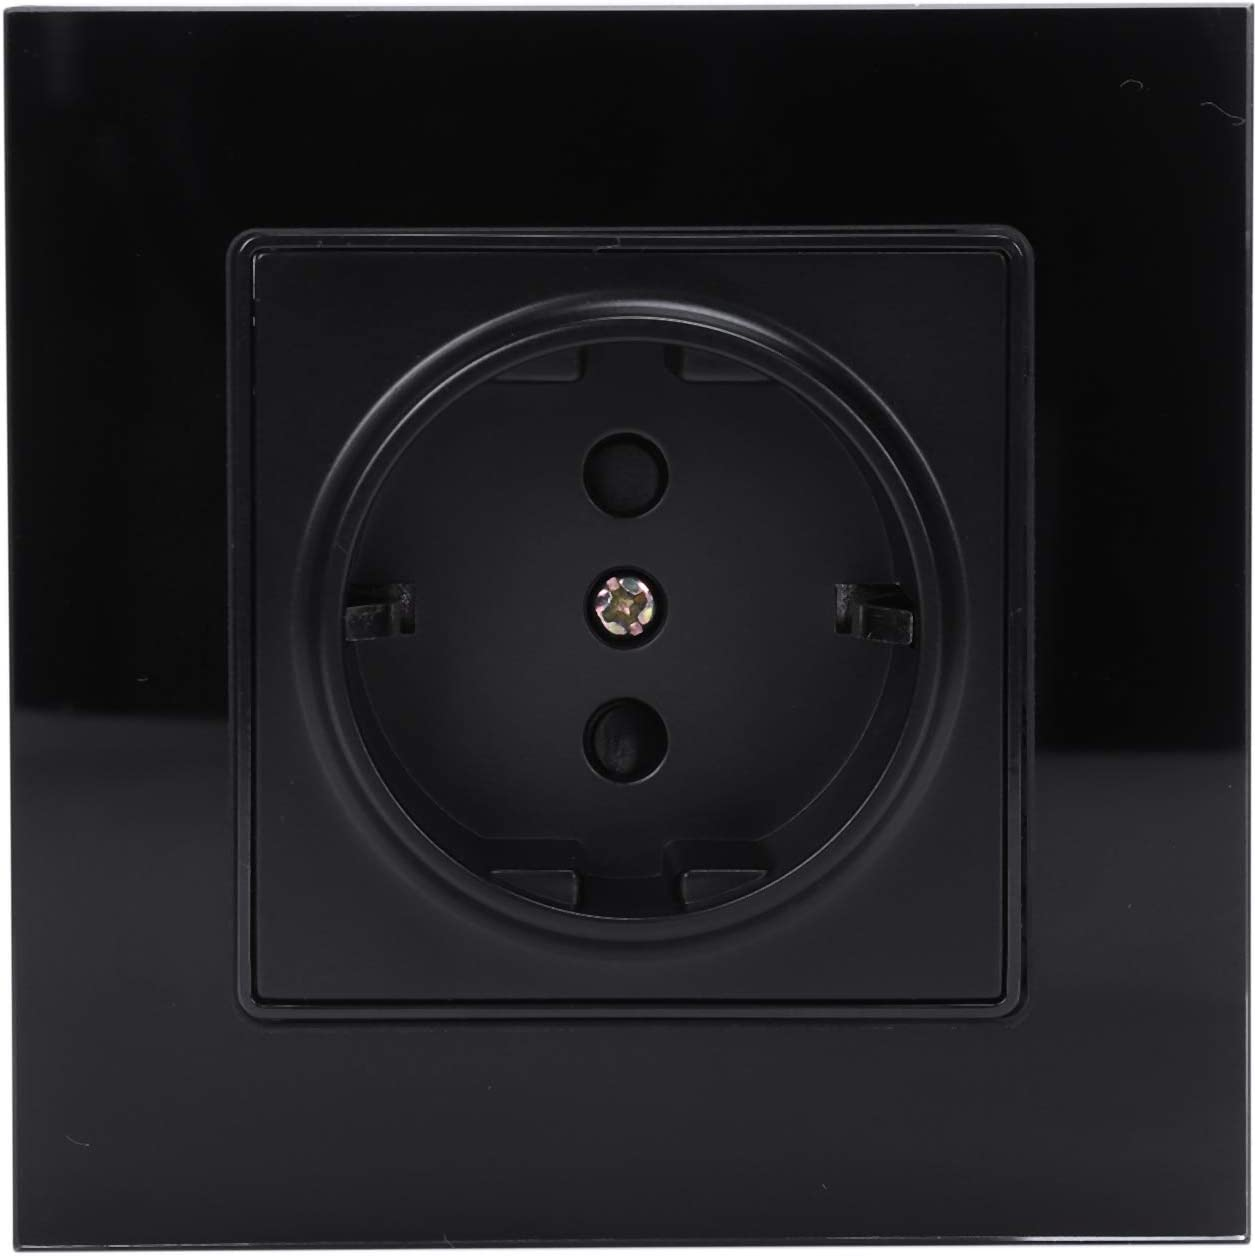 VAILANG EU Prise /électrique Murale avec Deux Ports USB en Verre tremp/é